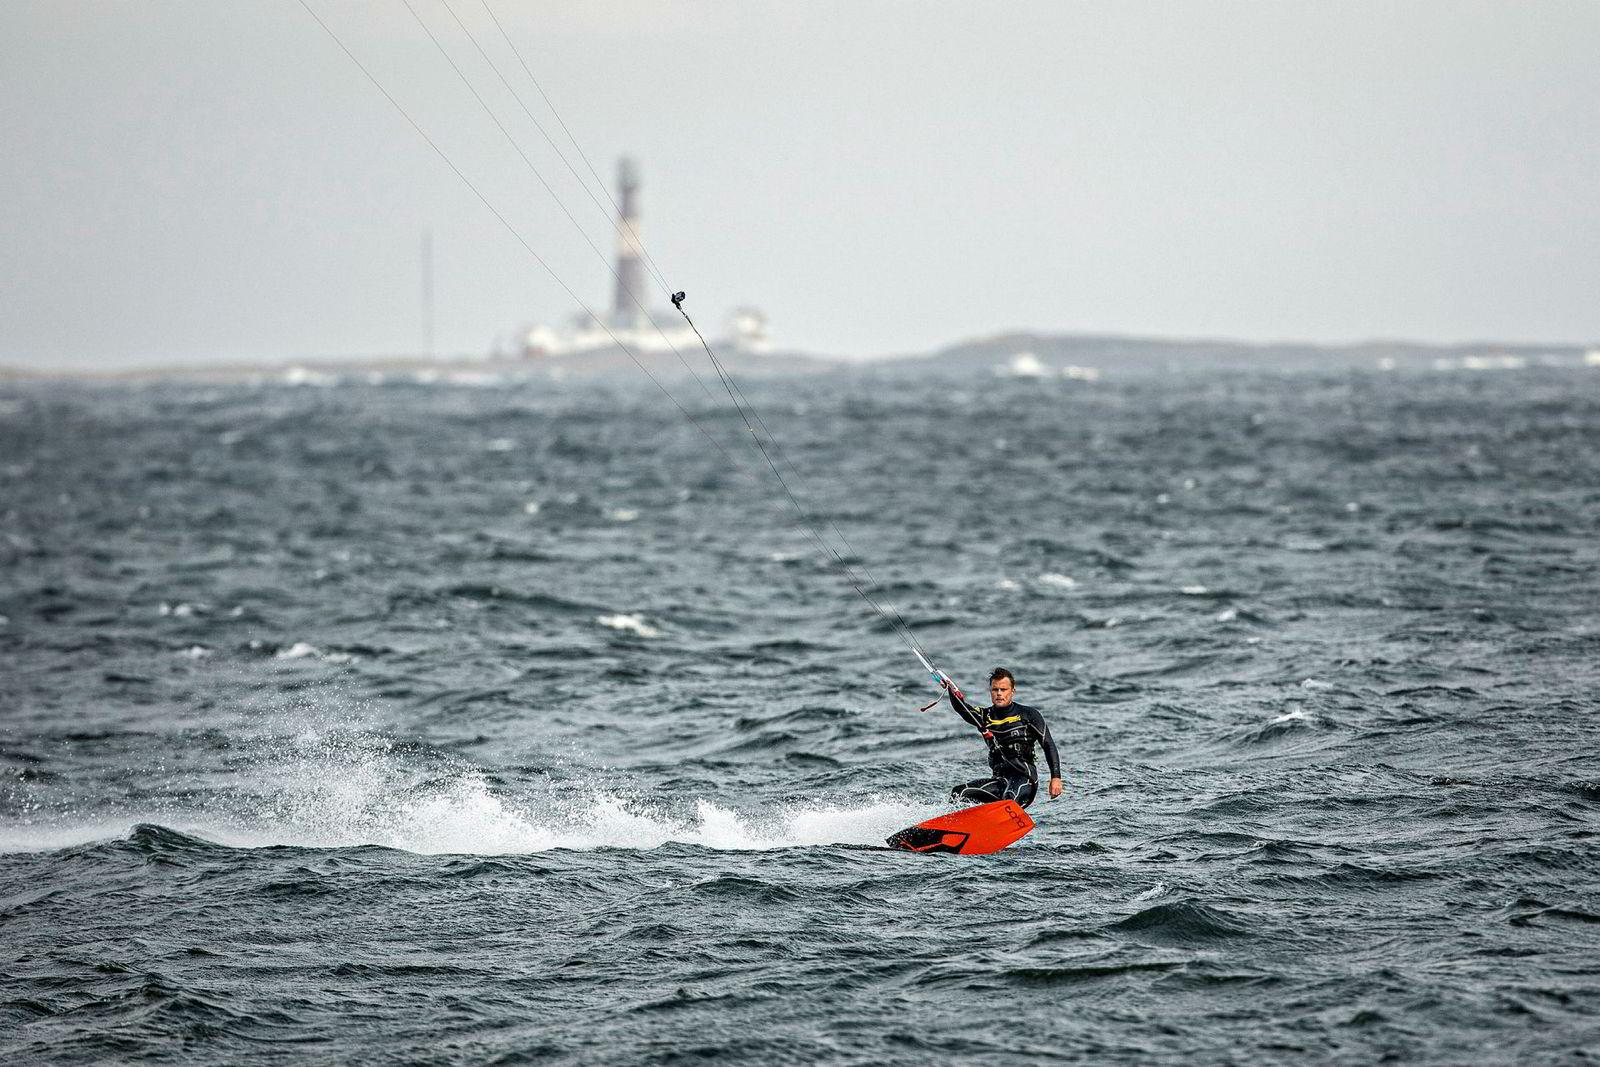 Utenfor Hvasser er landemerket Færder Fyr siste stopp før Skagerak åpner seg opp mot Danmark sørover. Rakfjord har kitet rundt fyret, men anbefaler følgebåt og meget stabil værmelding.